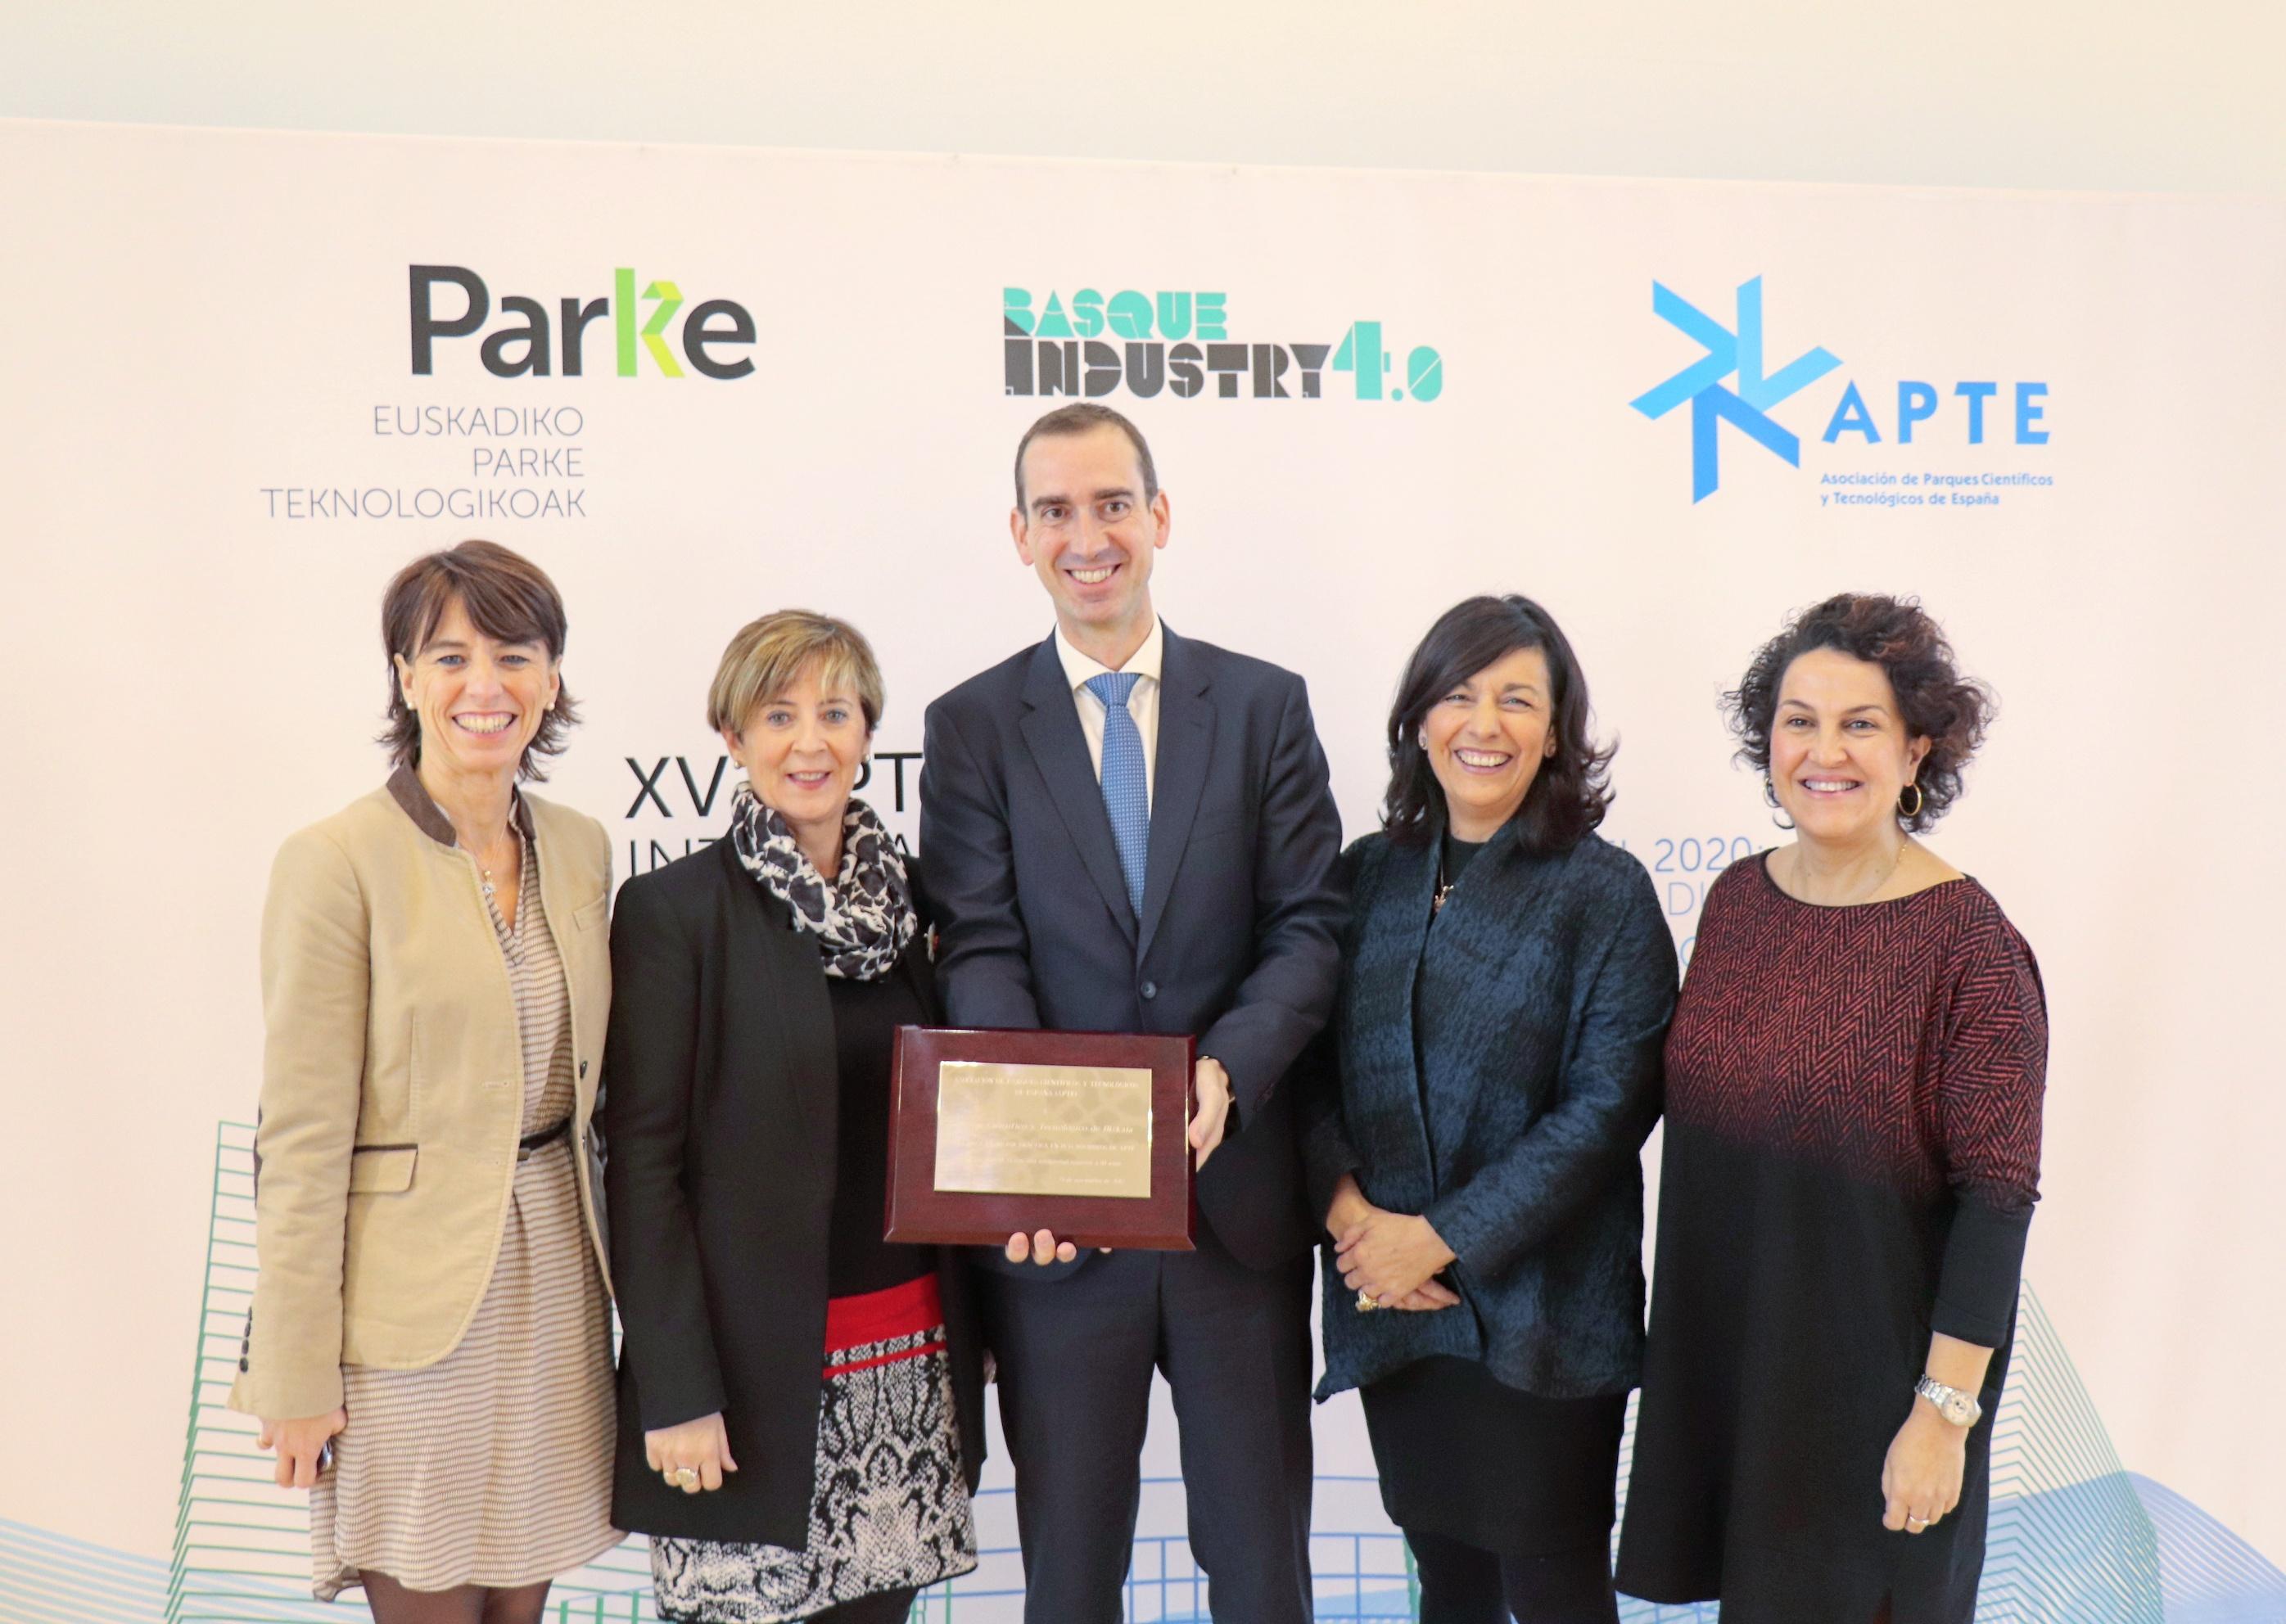 Euskadi acoge la XV Conferencia Internacional de Parques Científicos y Tecnológicos de todo el Estado, centrada en las oportunidades de futuro que ofrecen las tecnologías más revolucionarias